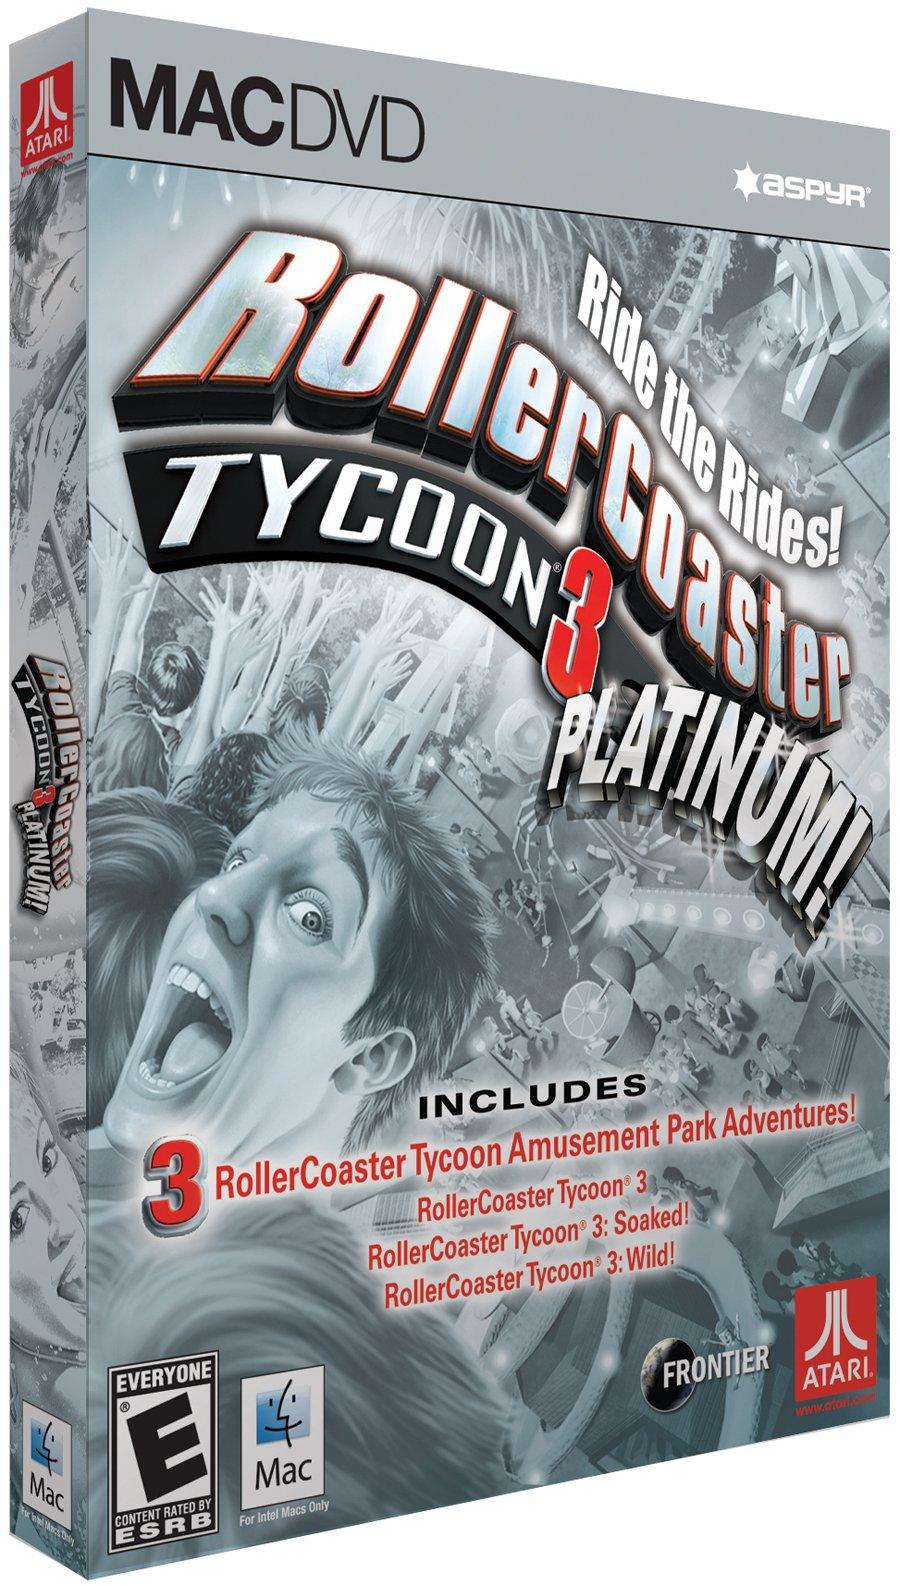 RollerCoaster Tycoon 3 Platinum - Mac by Aspyr